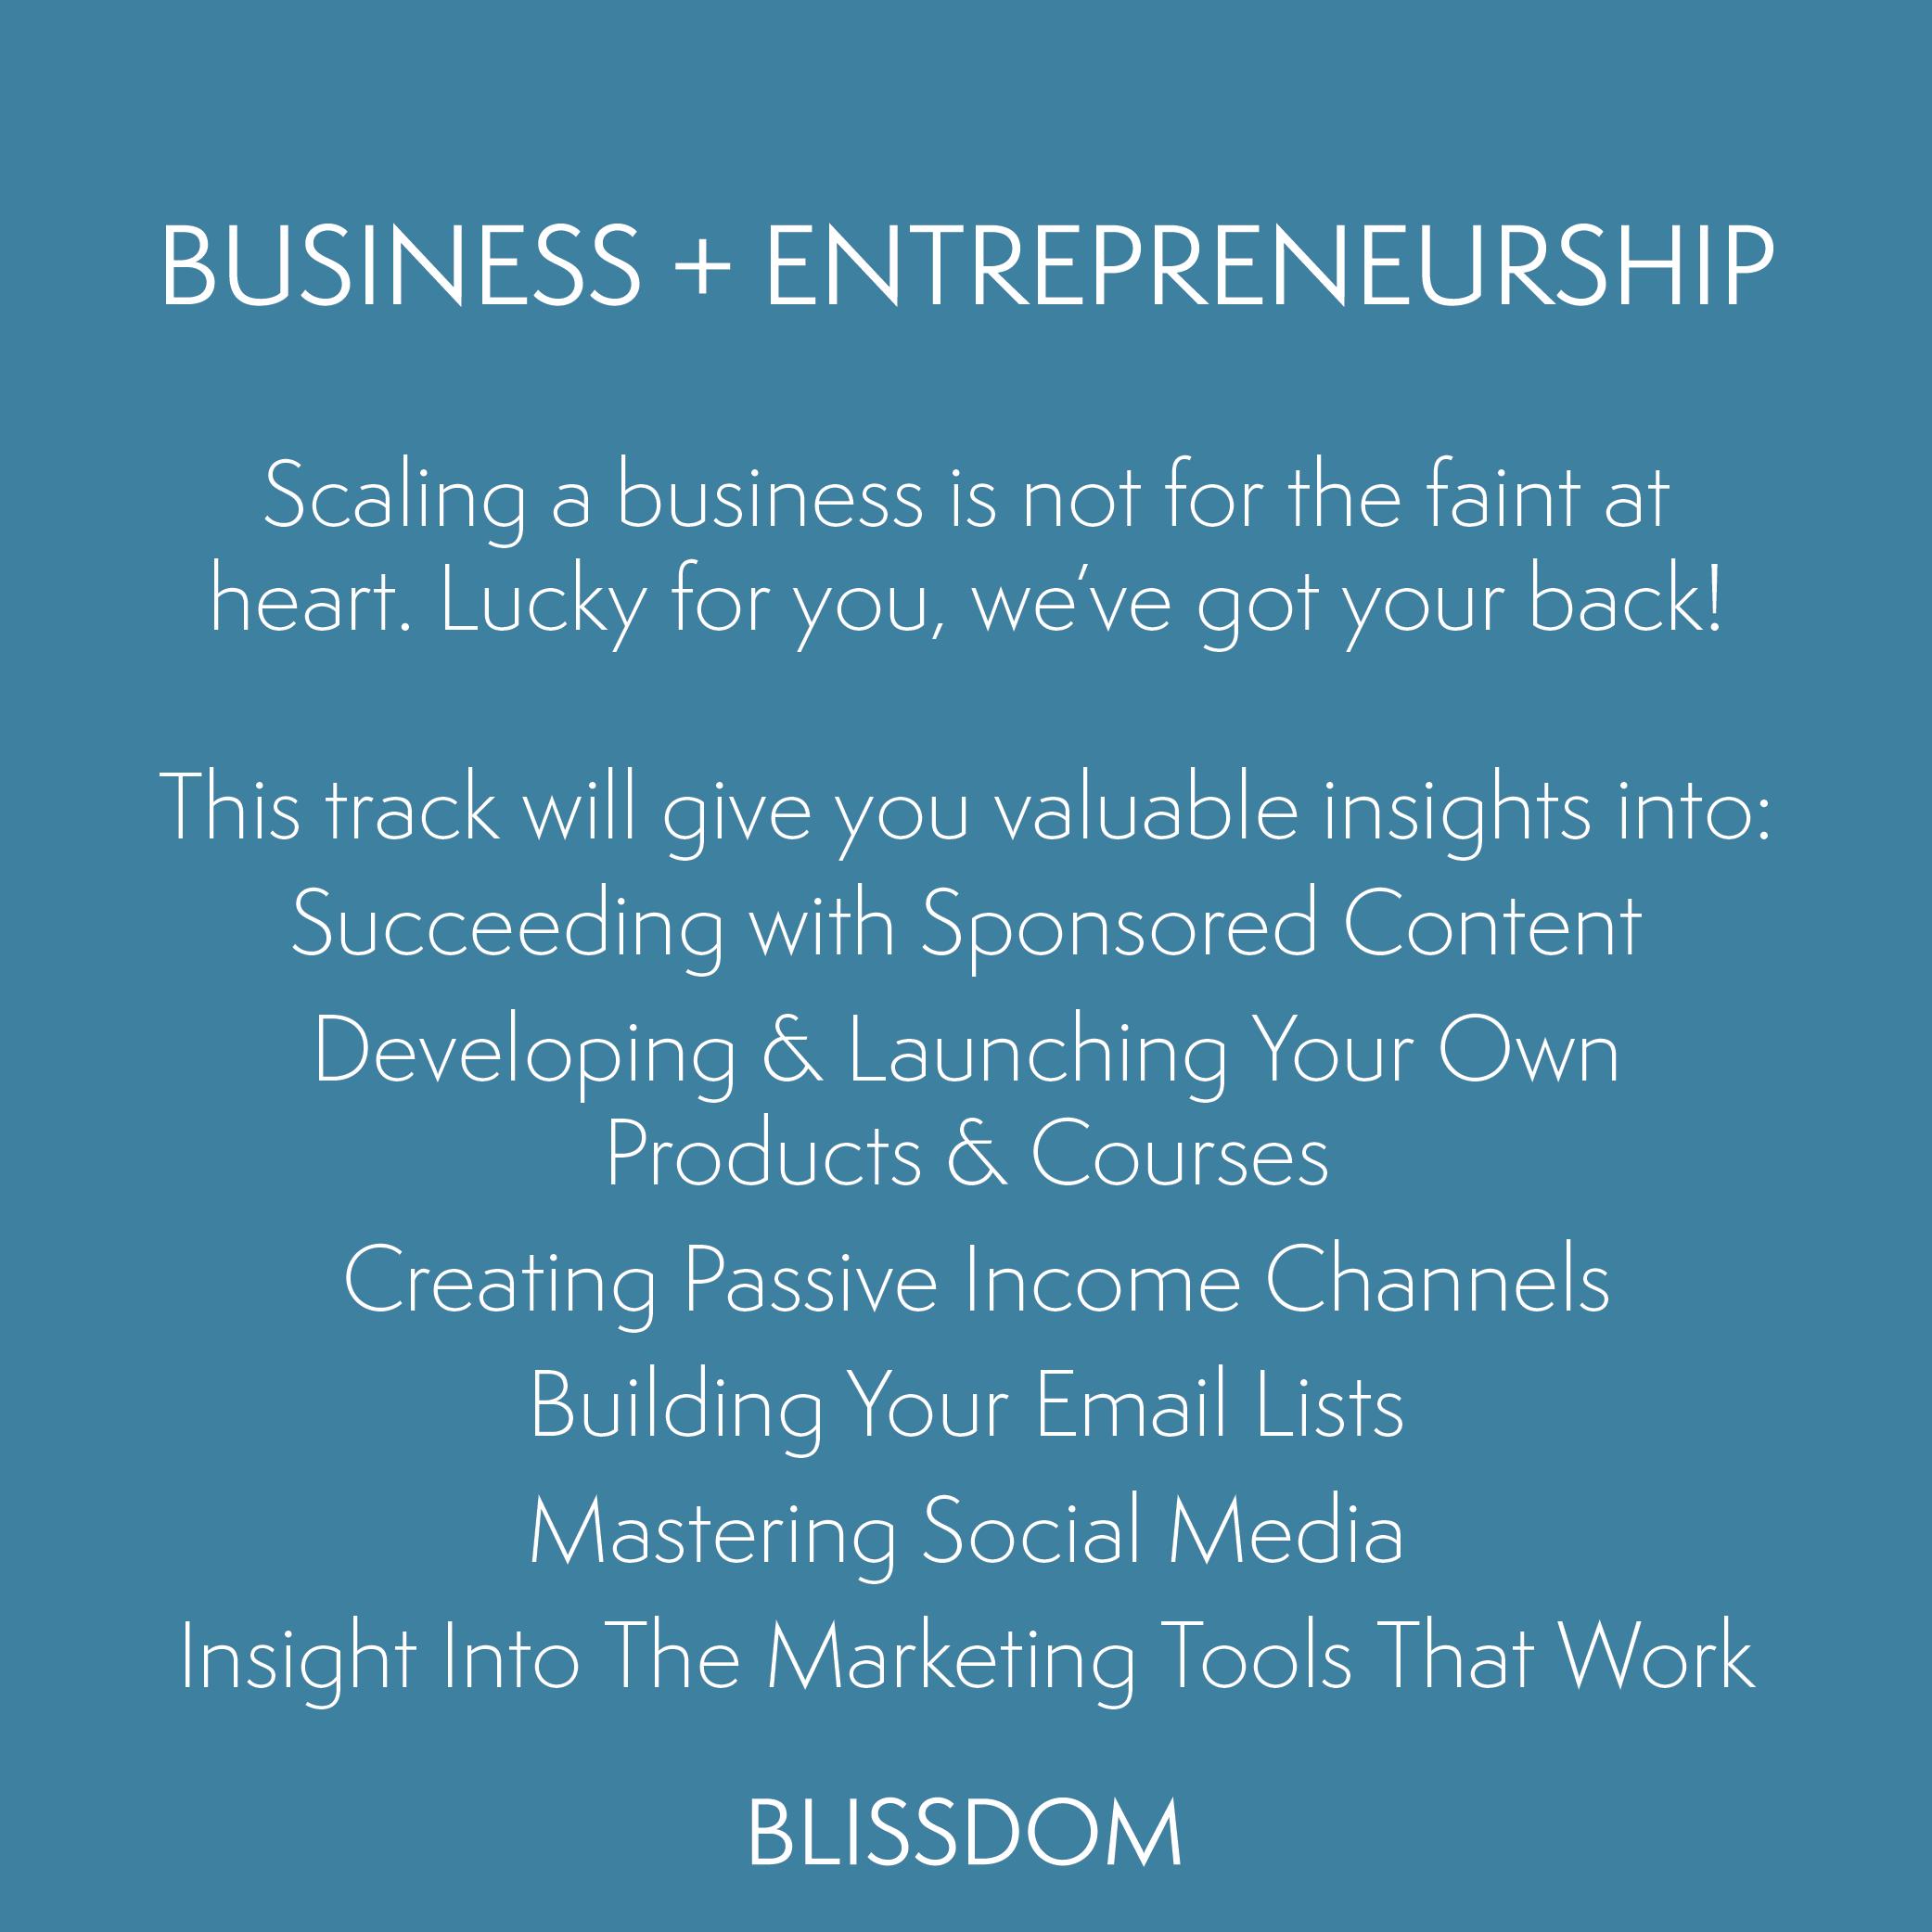 Business-Entrepreneurship-Blissdom-Track.png